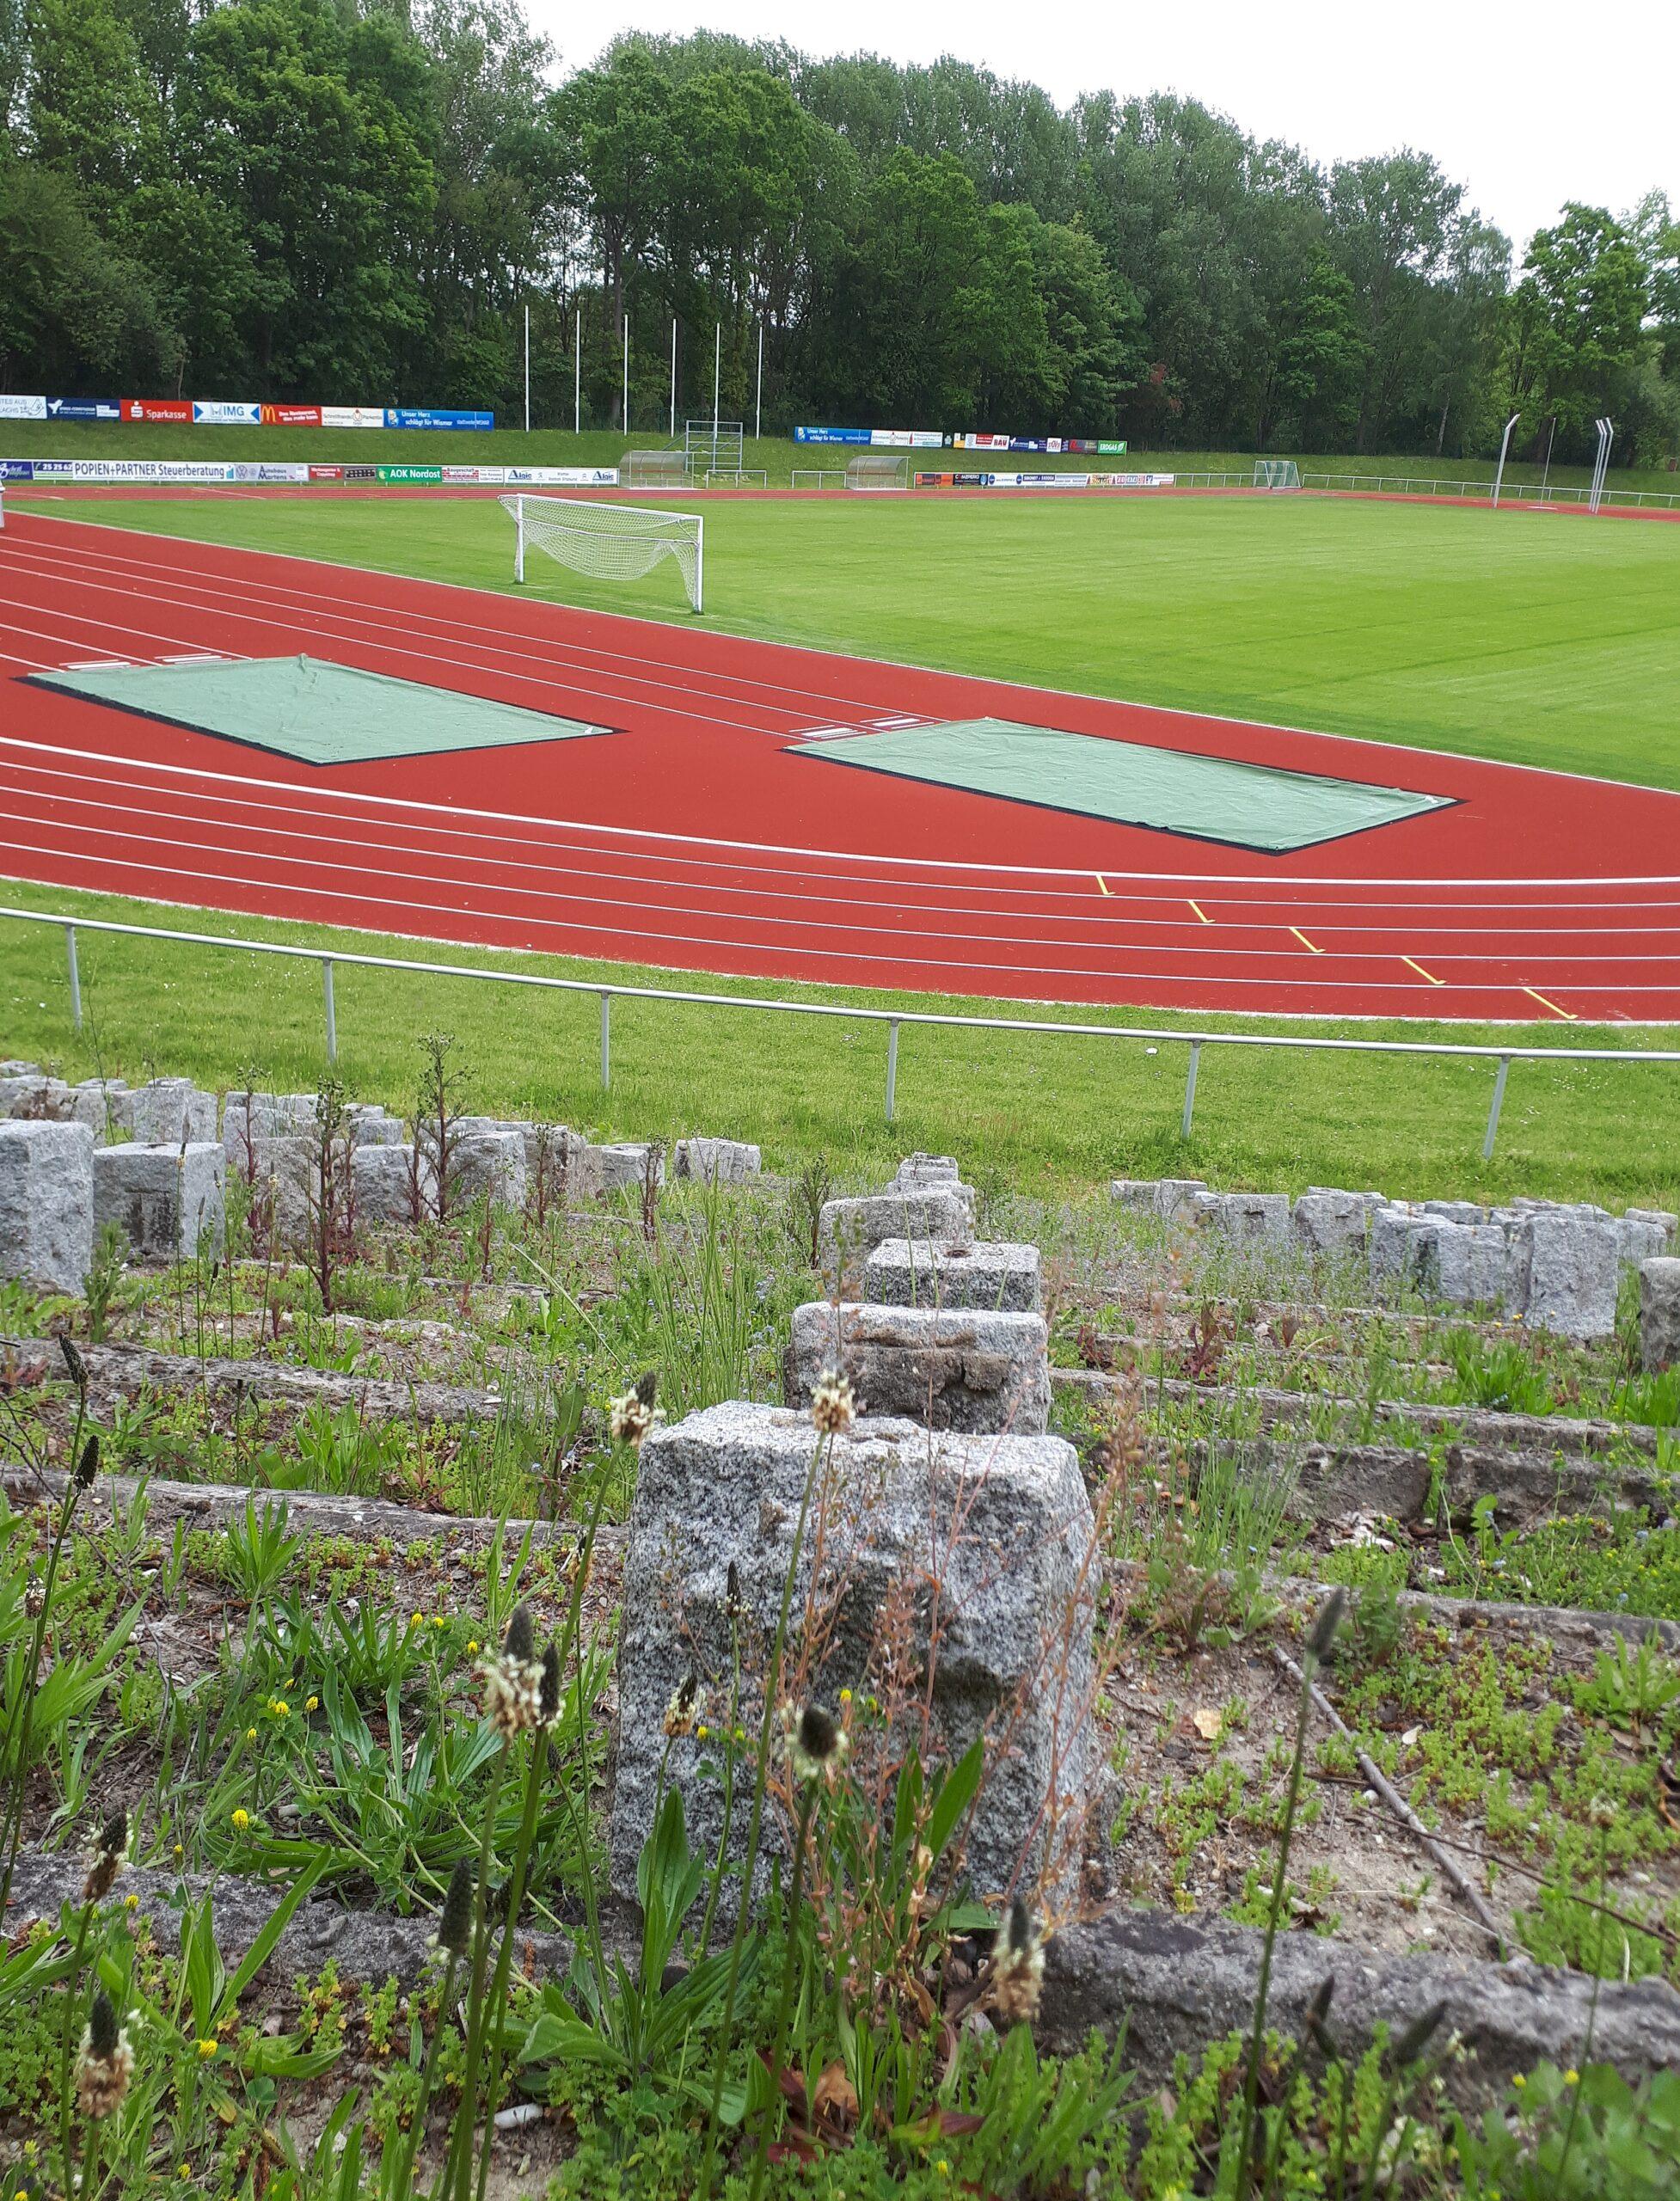 Ein Blick auf das Spielfeld